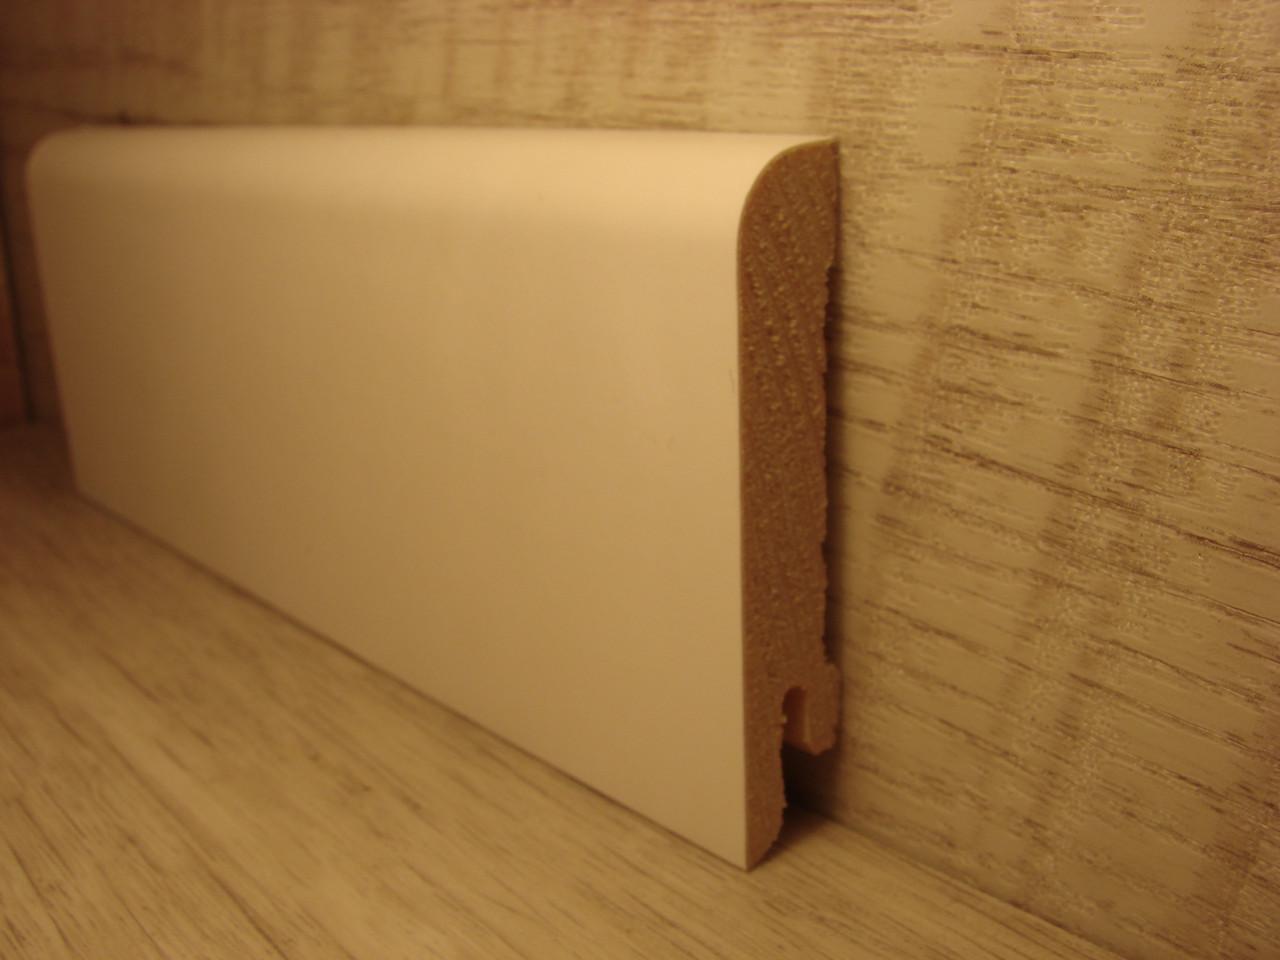 Плінтус дерев'яний підлоговий шпонований Білий дуб RAL9003 15*70*2400мм